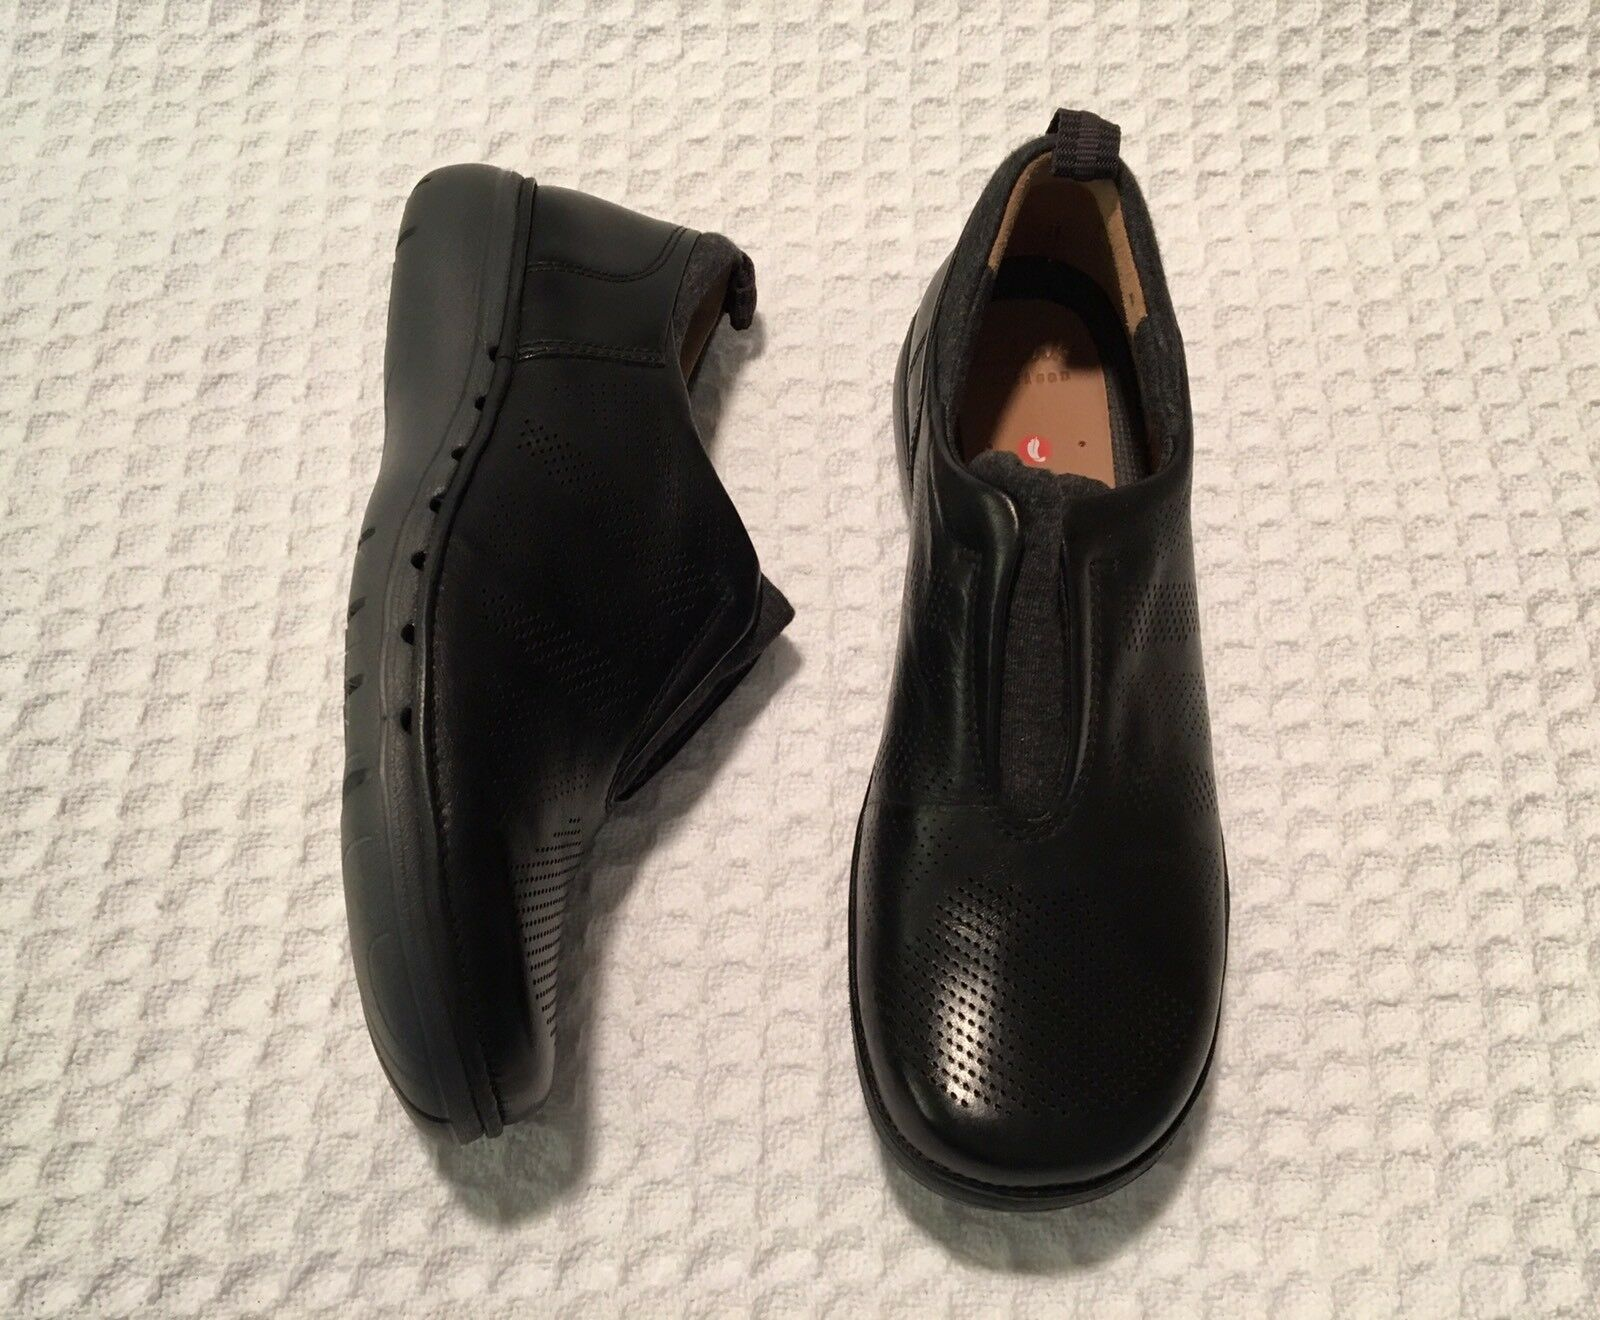 CLARKS Unstructured Un.Spirit Spirit Spirit Spirit Leather Loafers Black 6.5 W Wide worn once 26c3d1